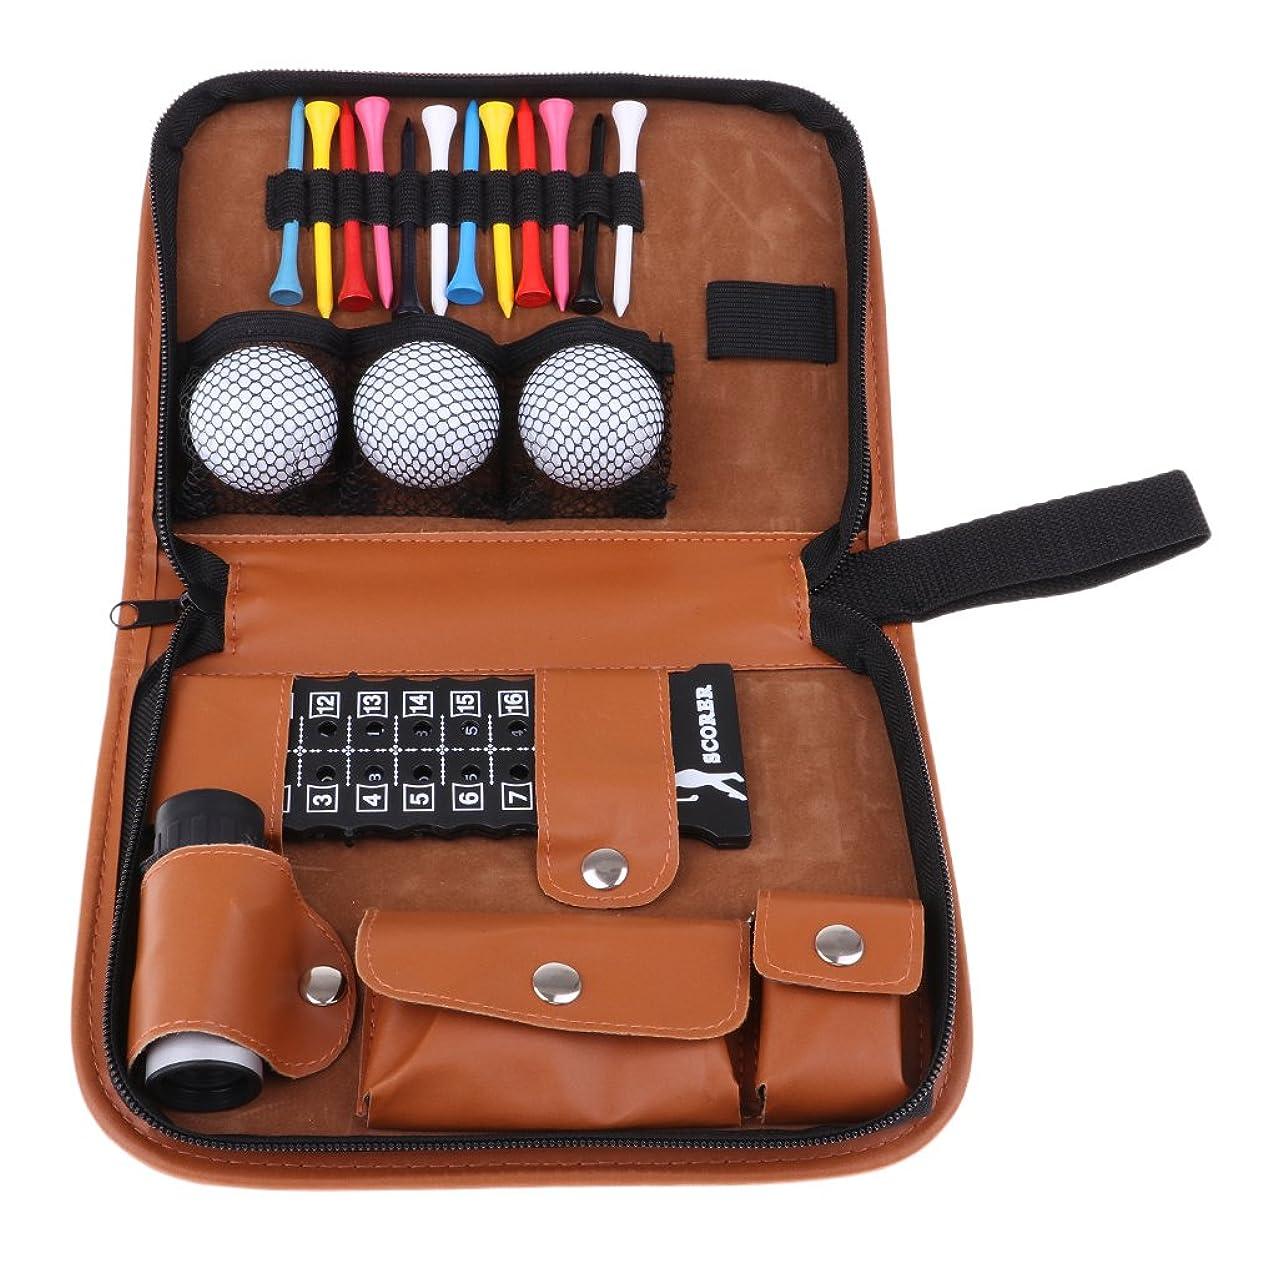 議題病弱モスゴルフティー 使いやすい 壊れにくい 量販 50個入りプラスチックゴルフティー 83mmロングティー 20mm広いヘッドソフトゴム Golf tees